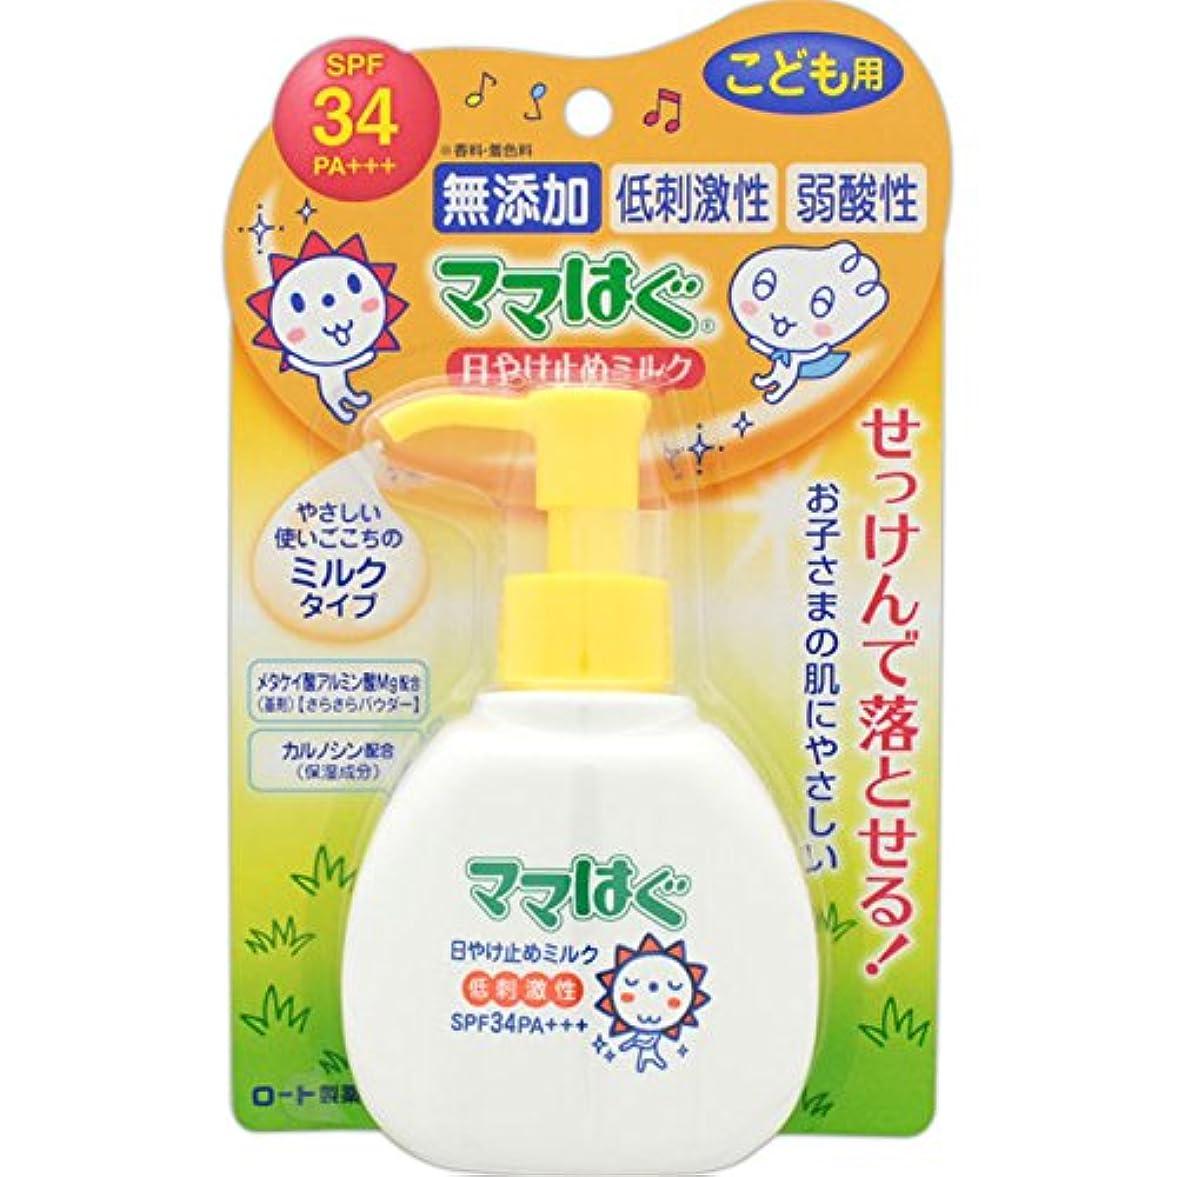 膜裸珍しいロート製薬 ママはぐ 無添加 低刺激性日やけ止めミルク SPF34 PA+++ 100g